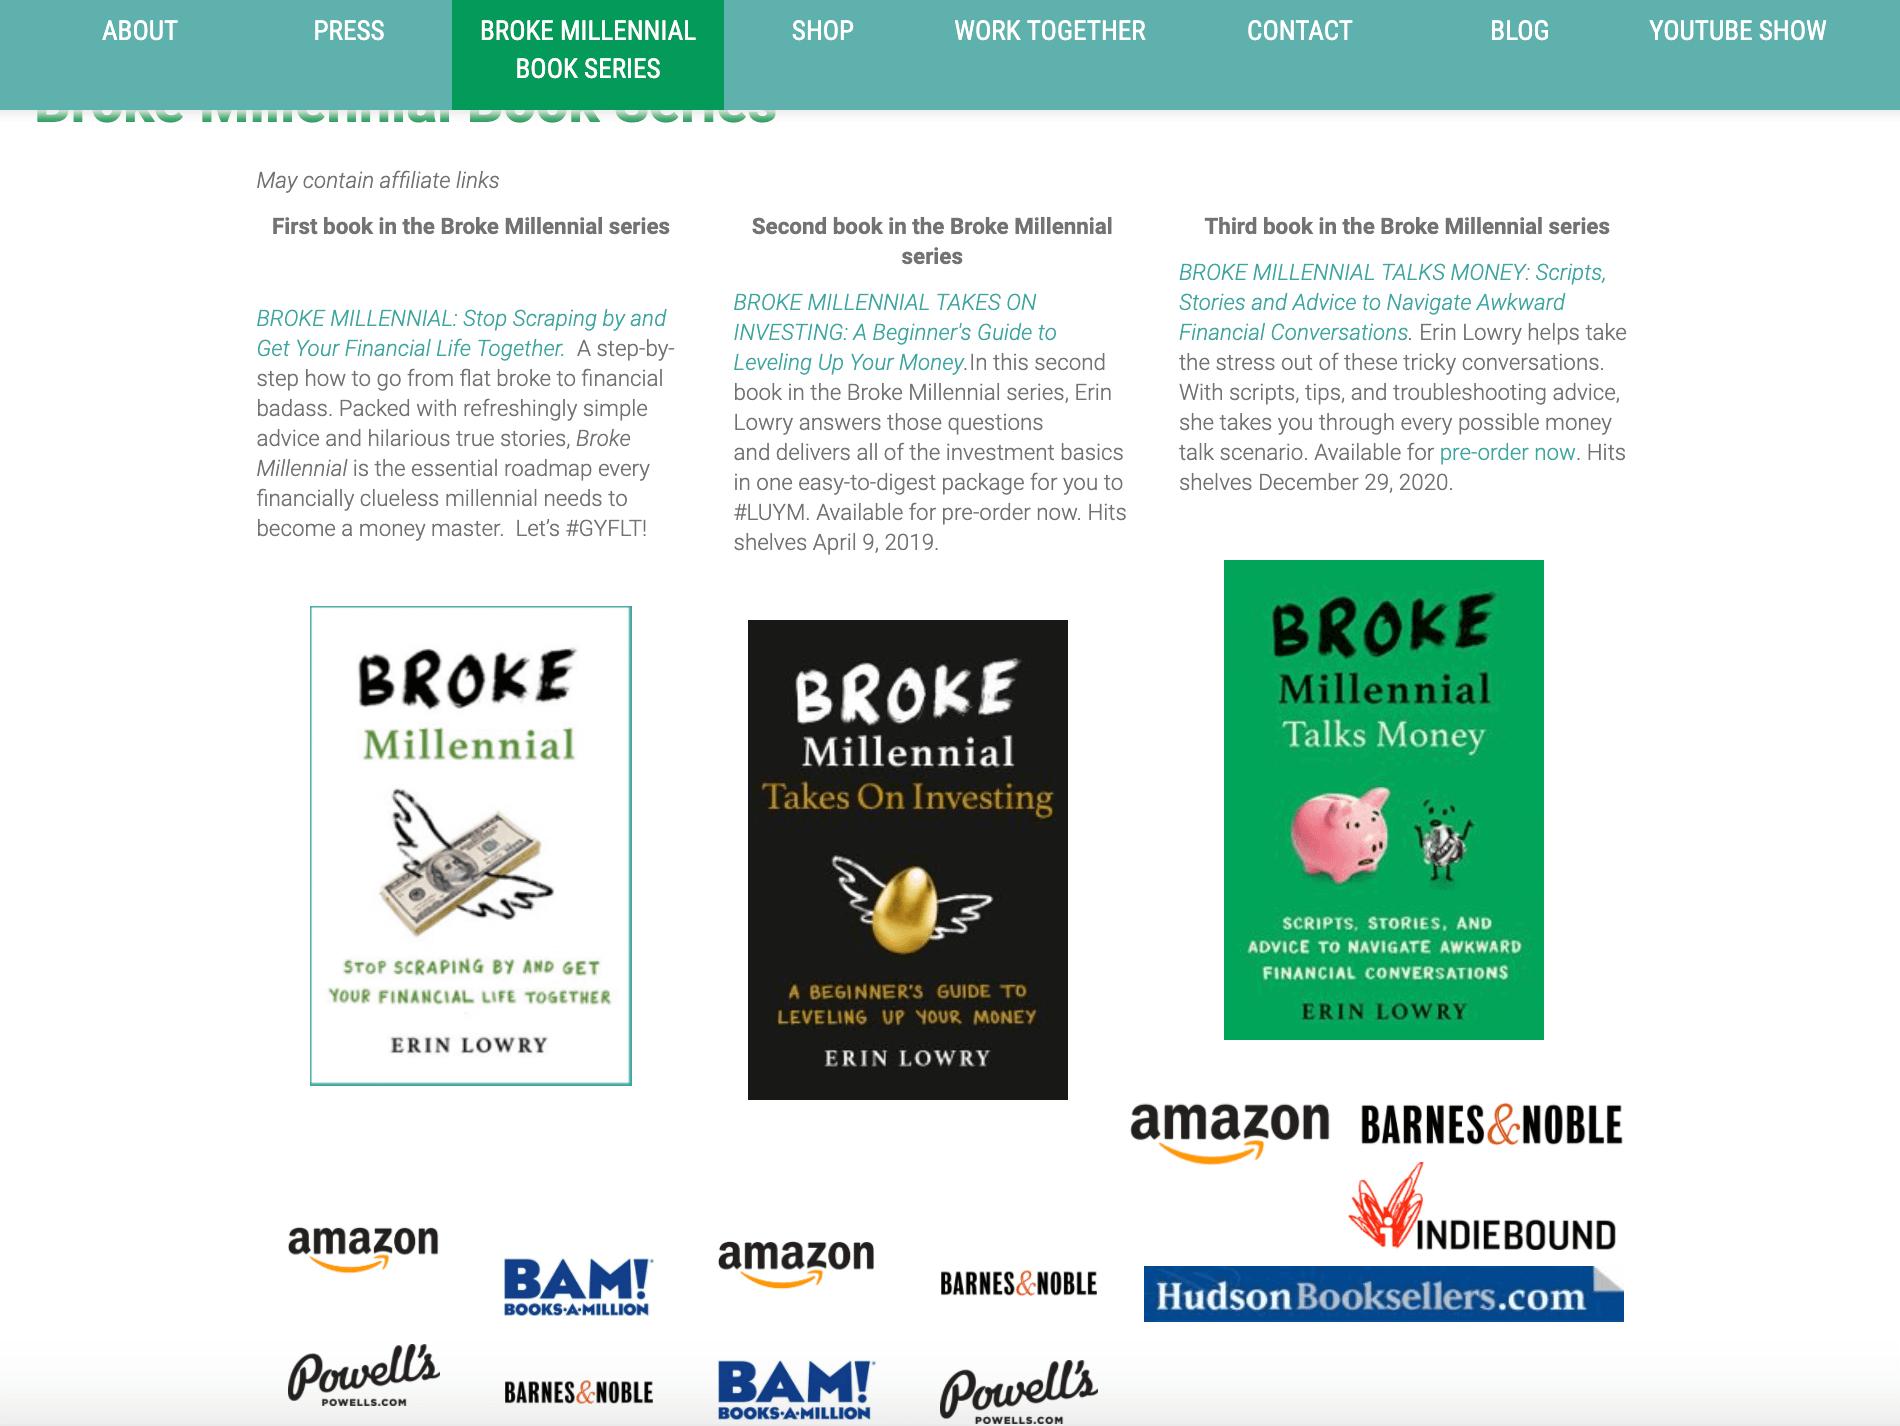 Broke Millennial's Landing Page